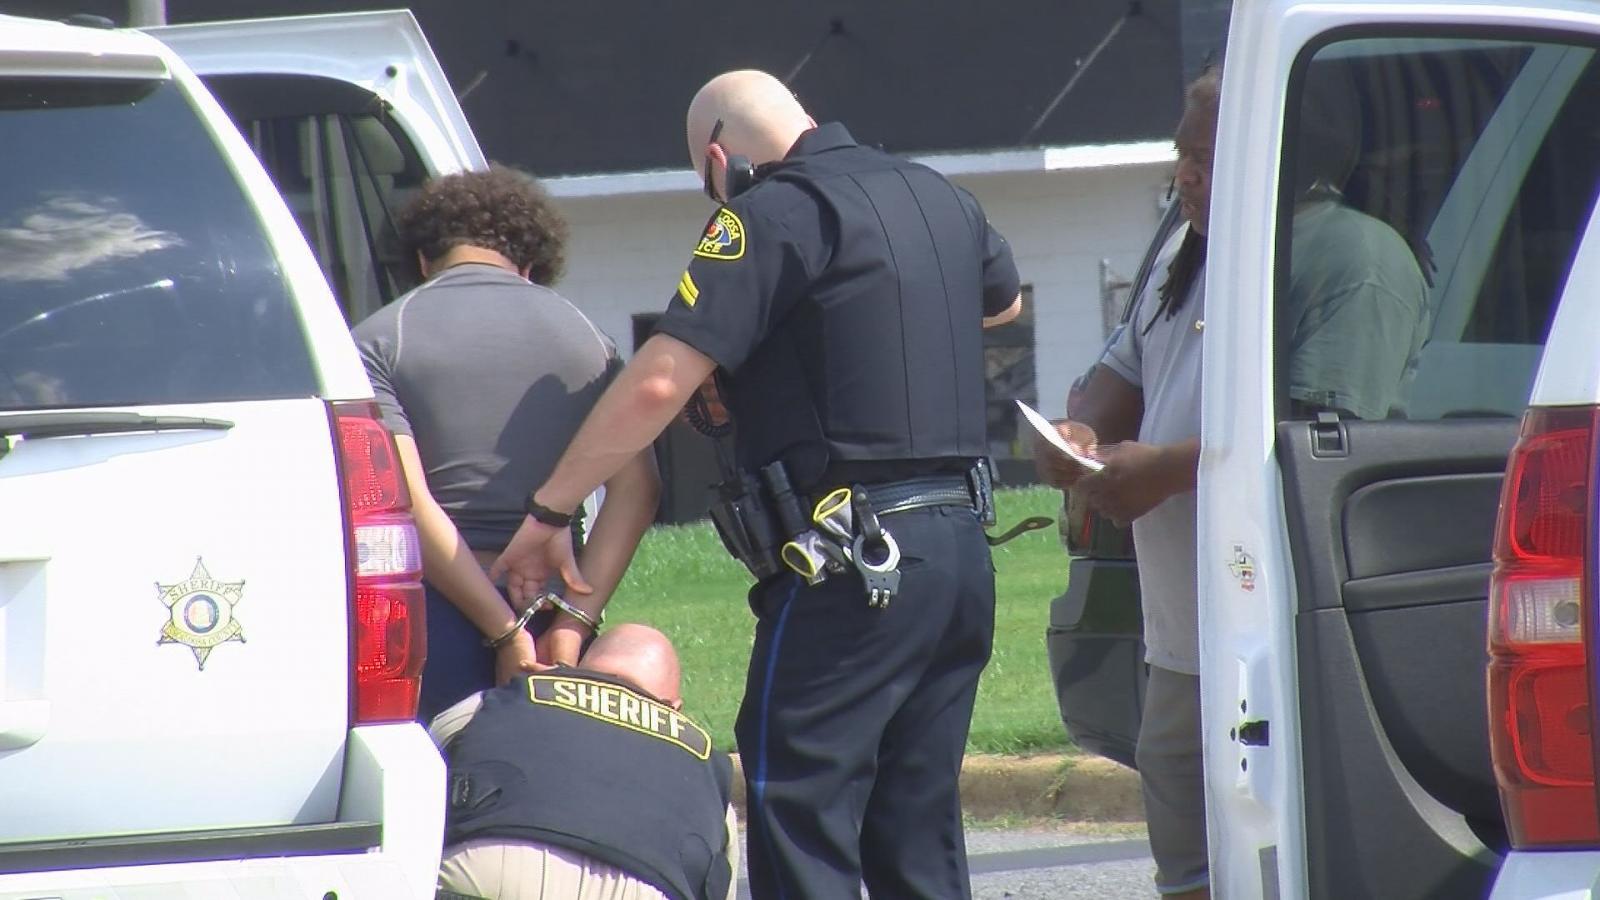 2-police-officers-arrest-a-black-guy